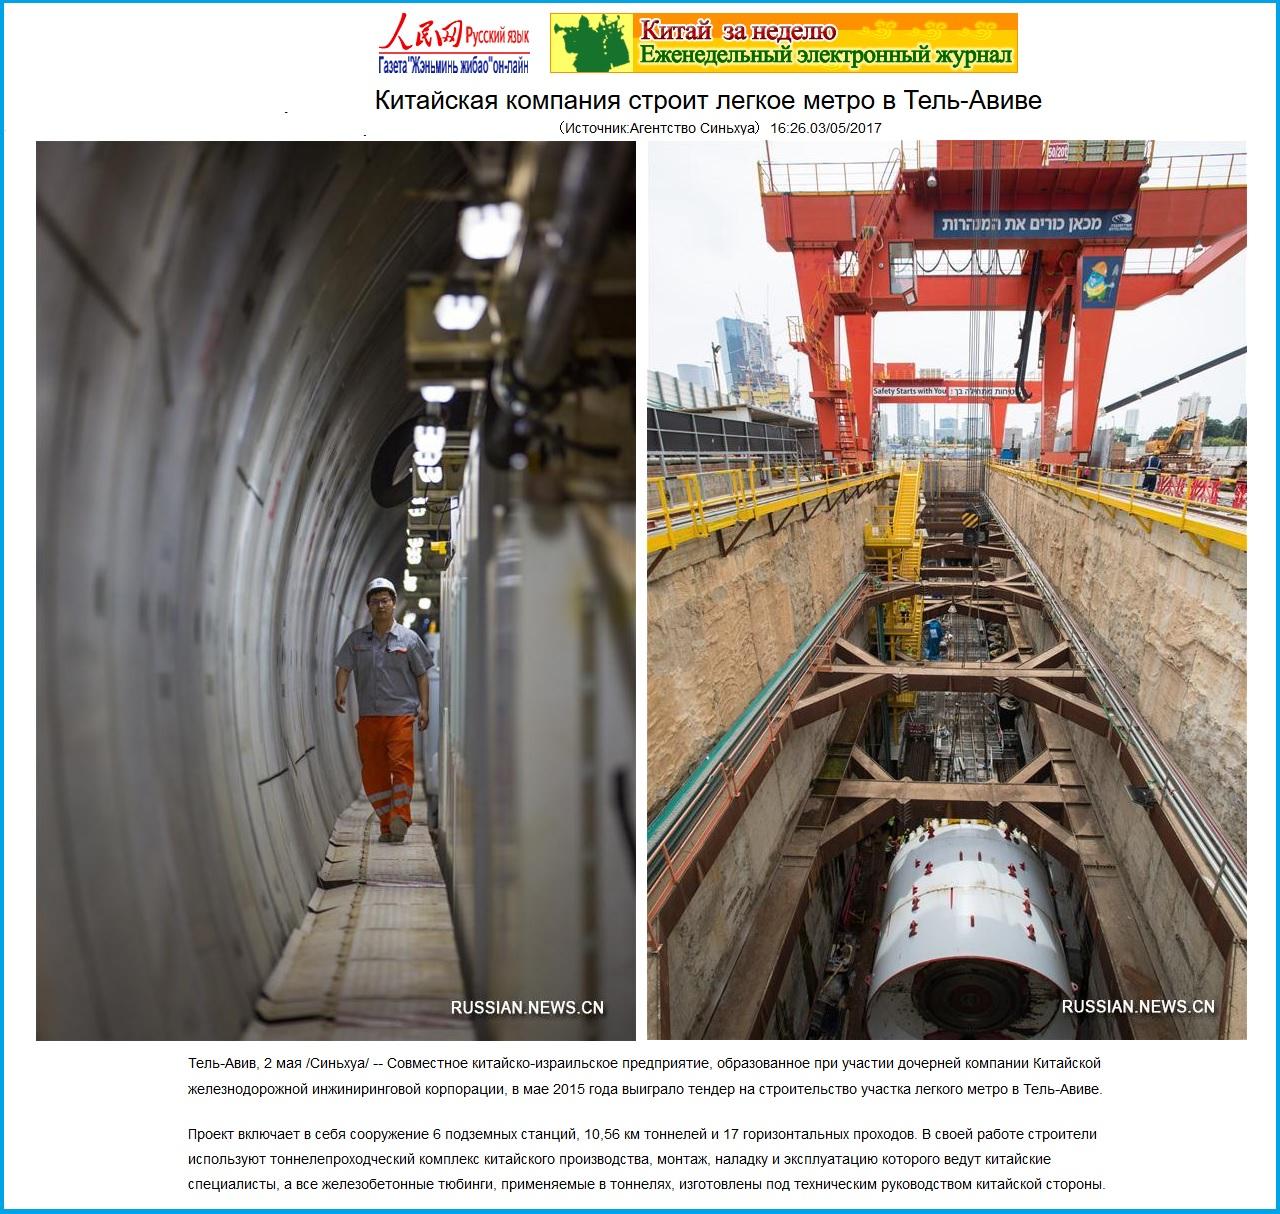 Китай строит метро в Тель-Авиве 2 мая, 2017(3)